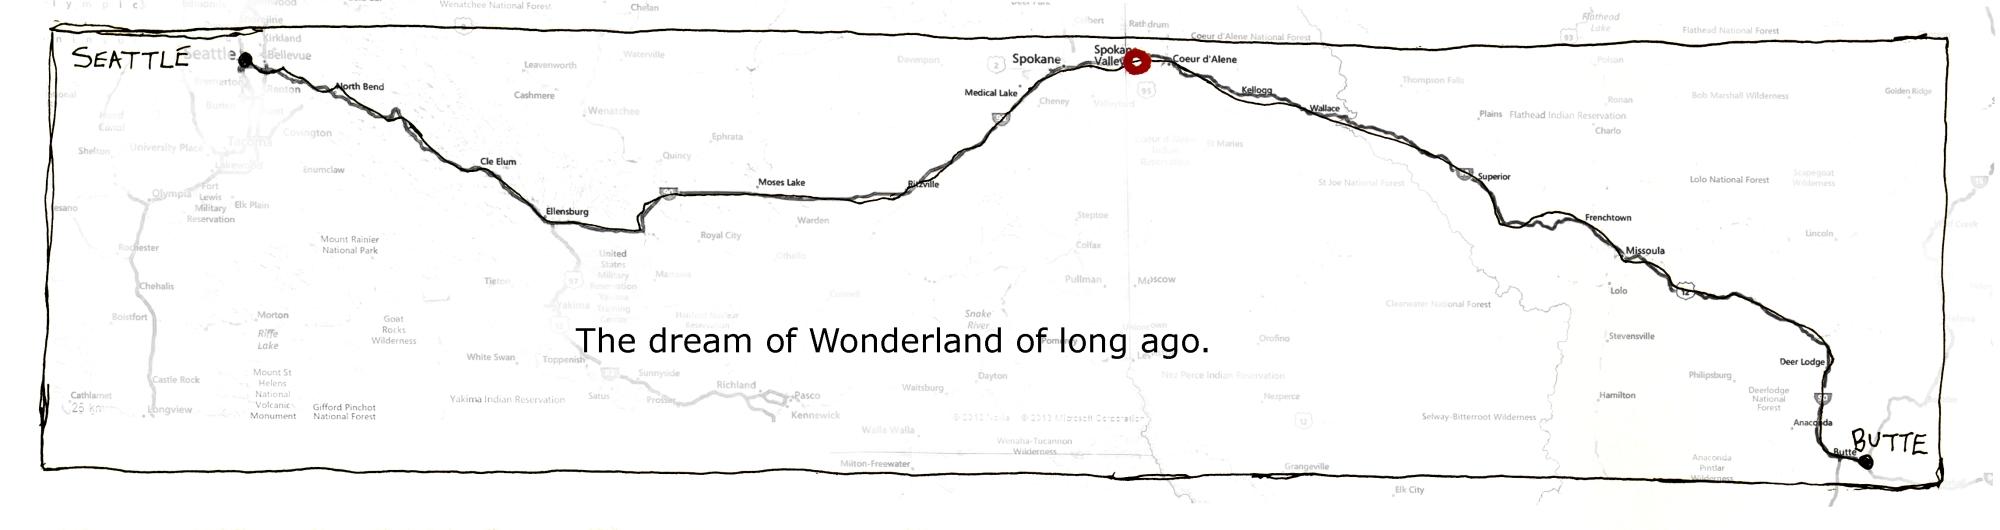 307 map